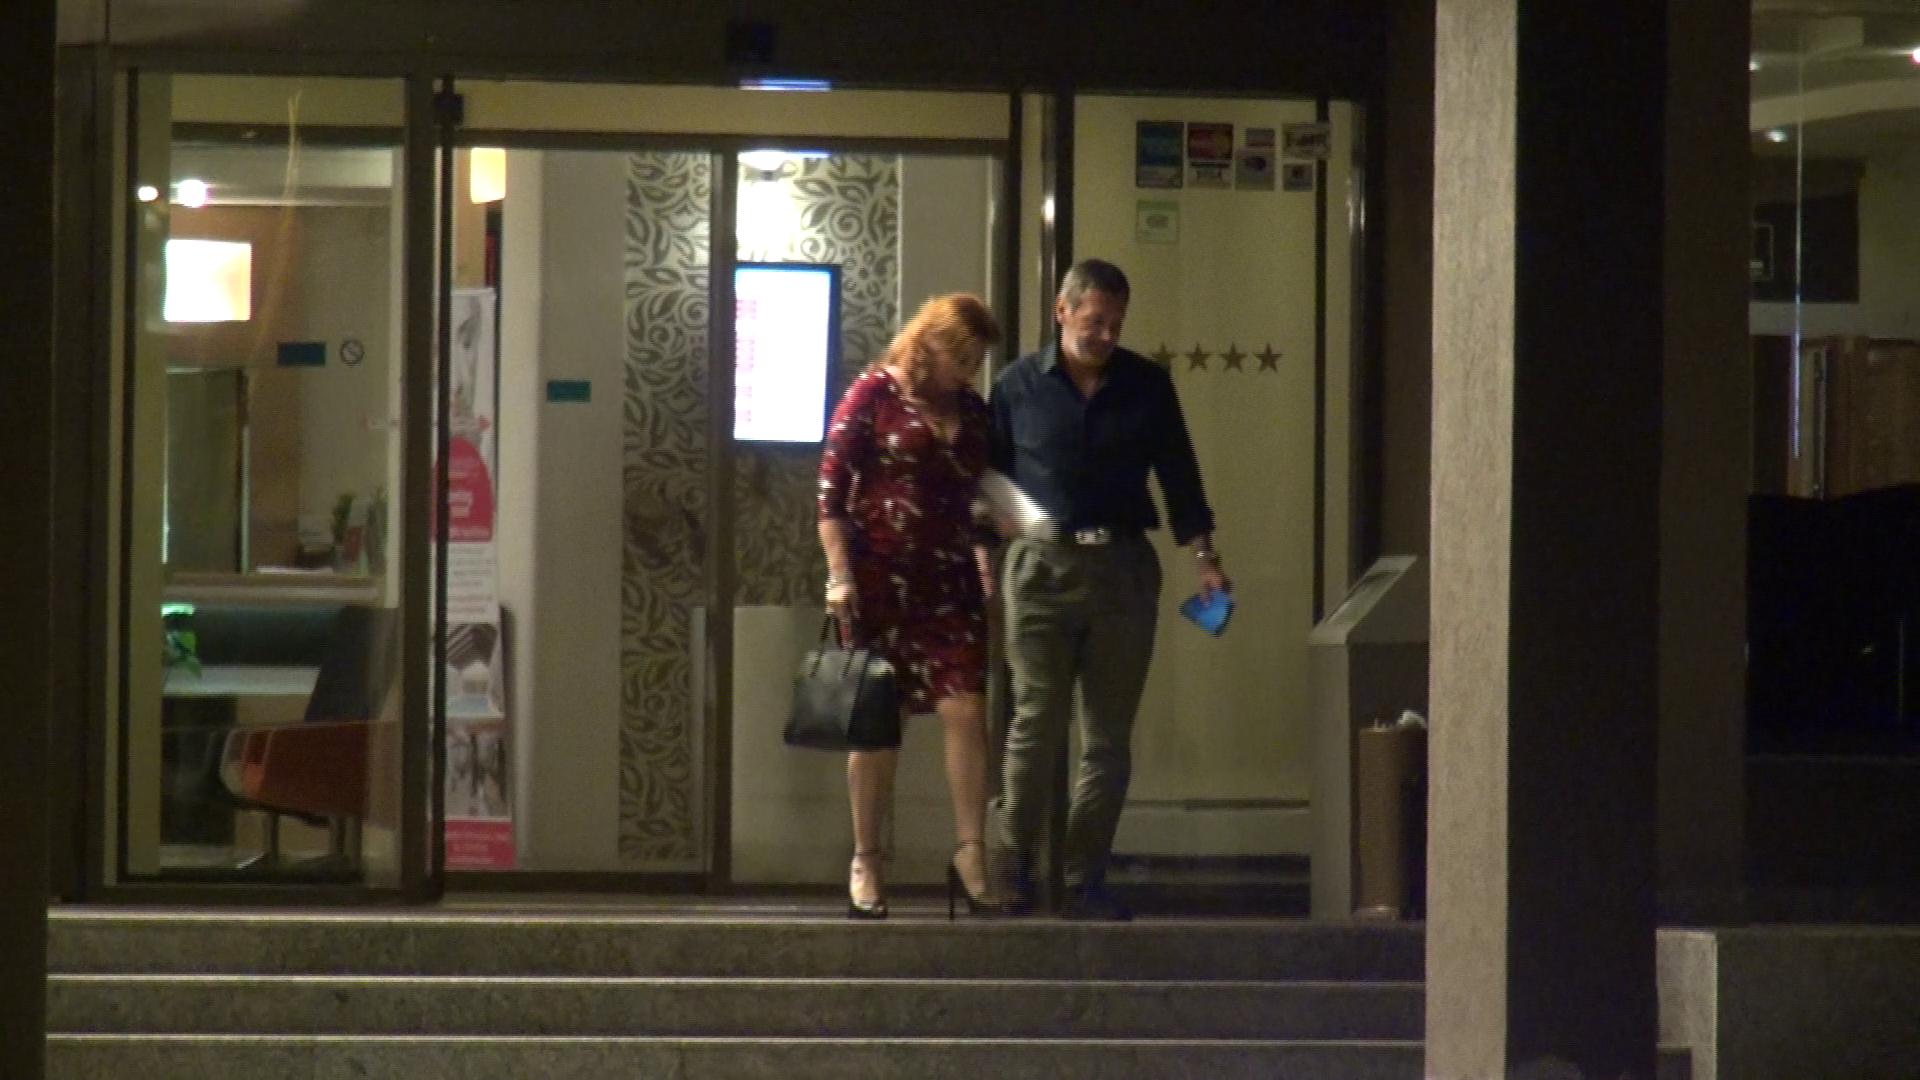 Fosta sotie a lui Cristi Borcea a iesit din hotel razand cu gura pana la urechi